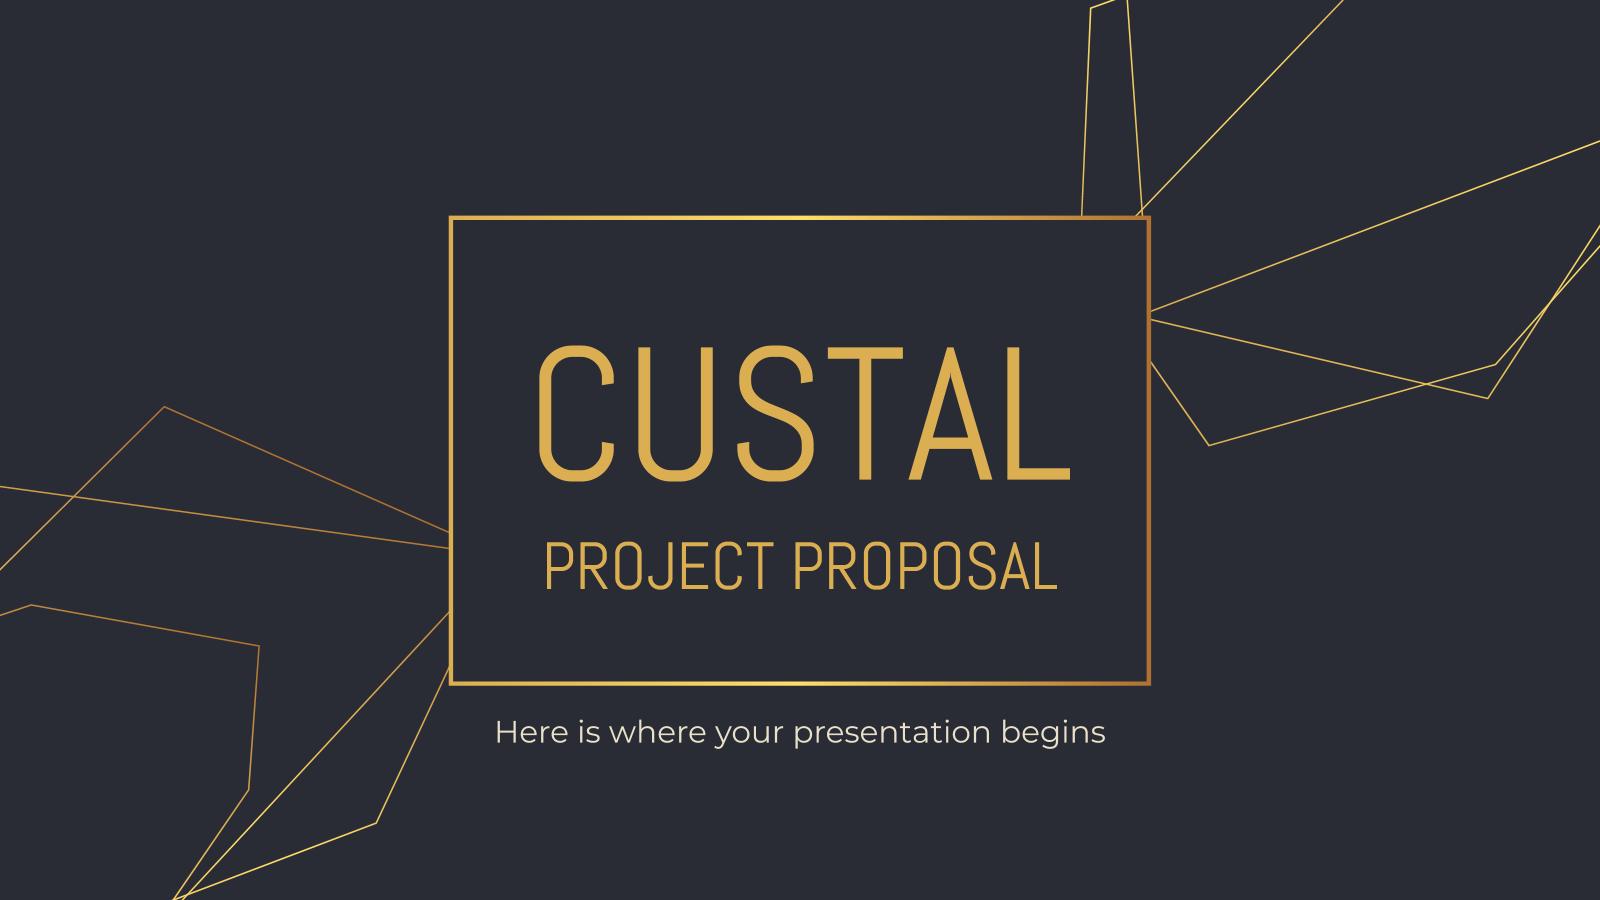 Modelo de apresentação Proposta de projeto Custal